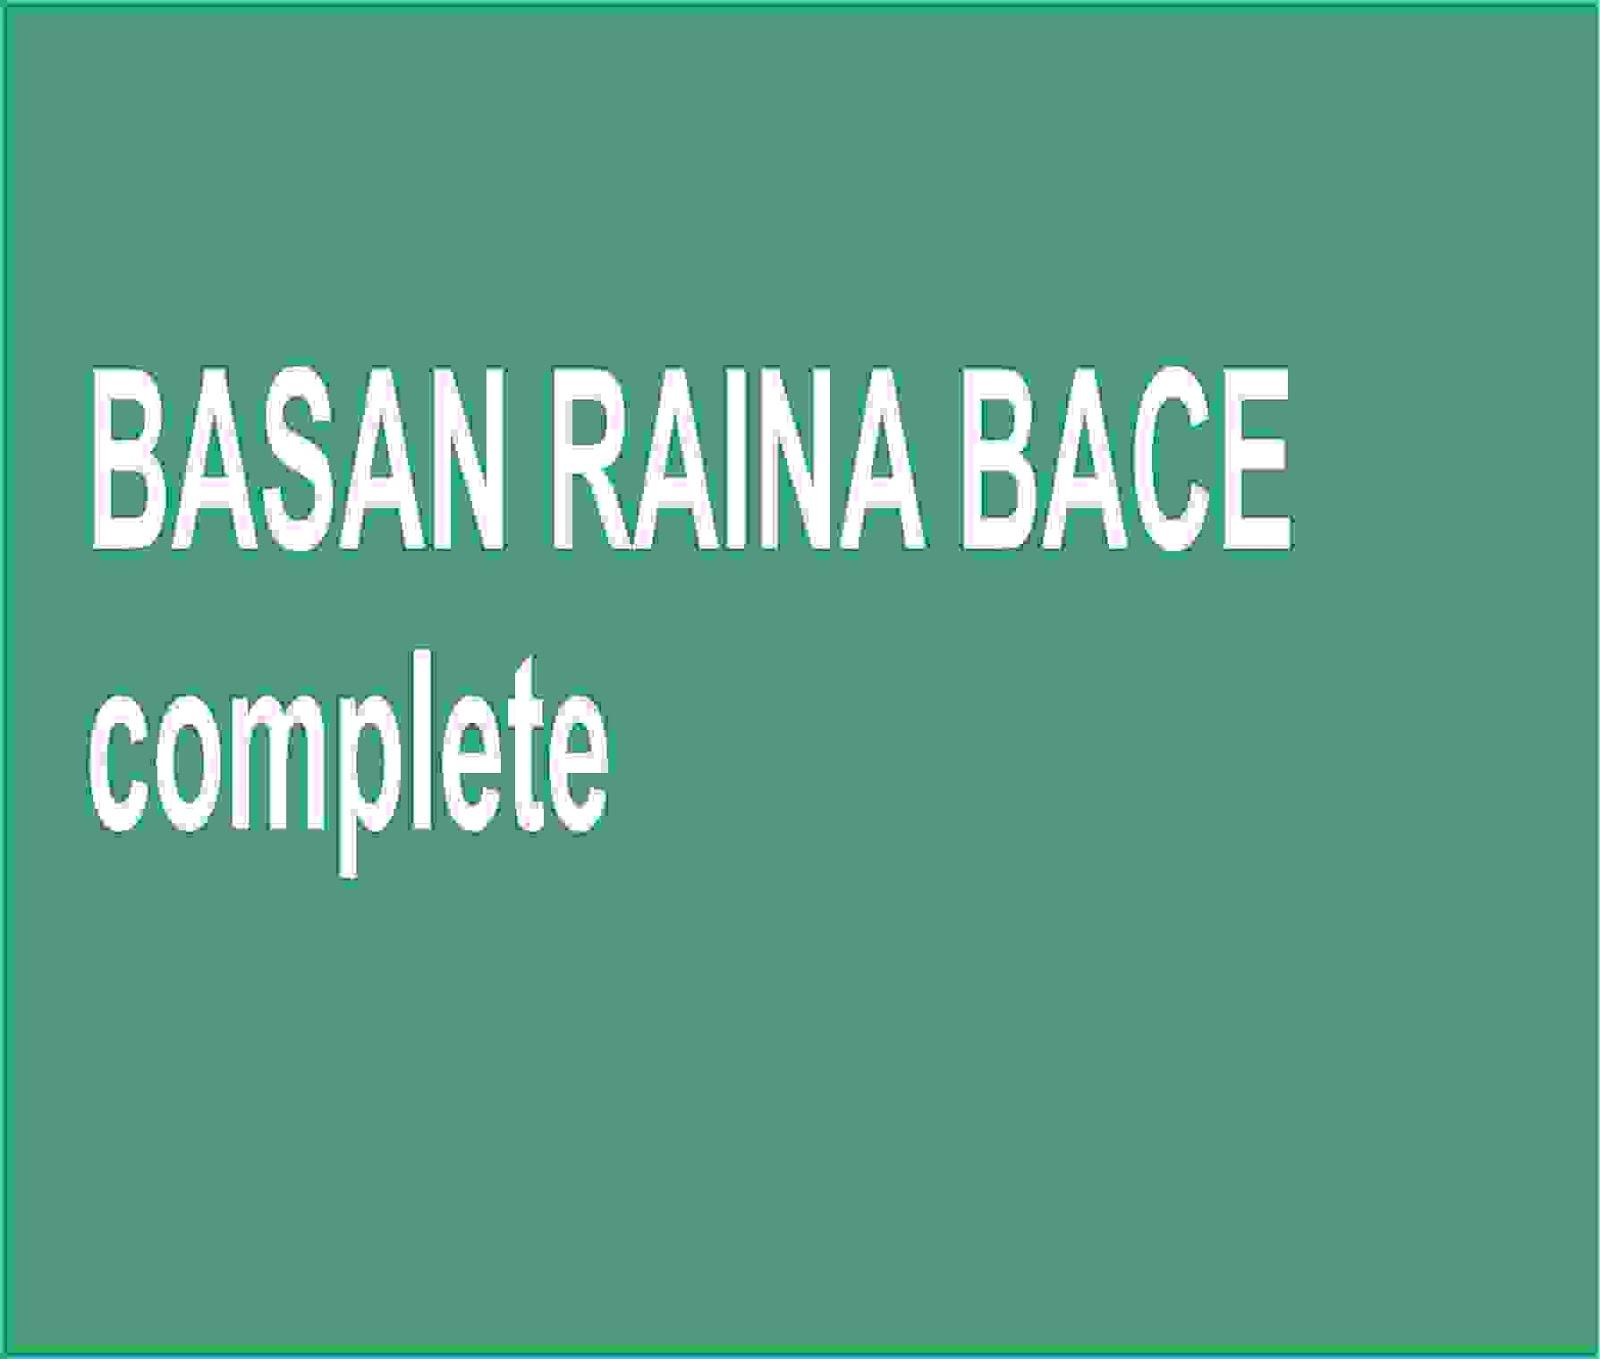 BASAN RAINA BACE - Gidan Novels | Hausa Novels